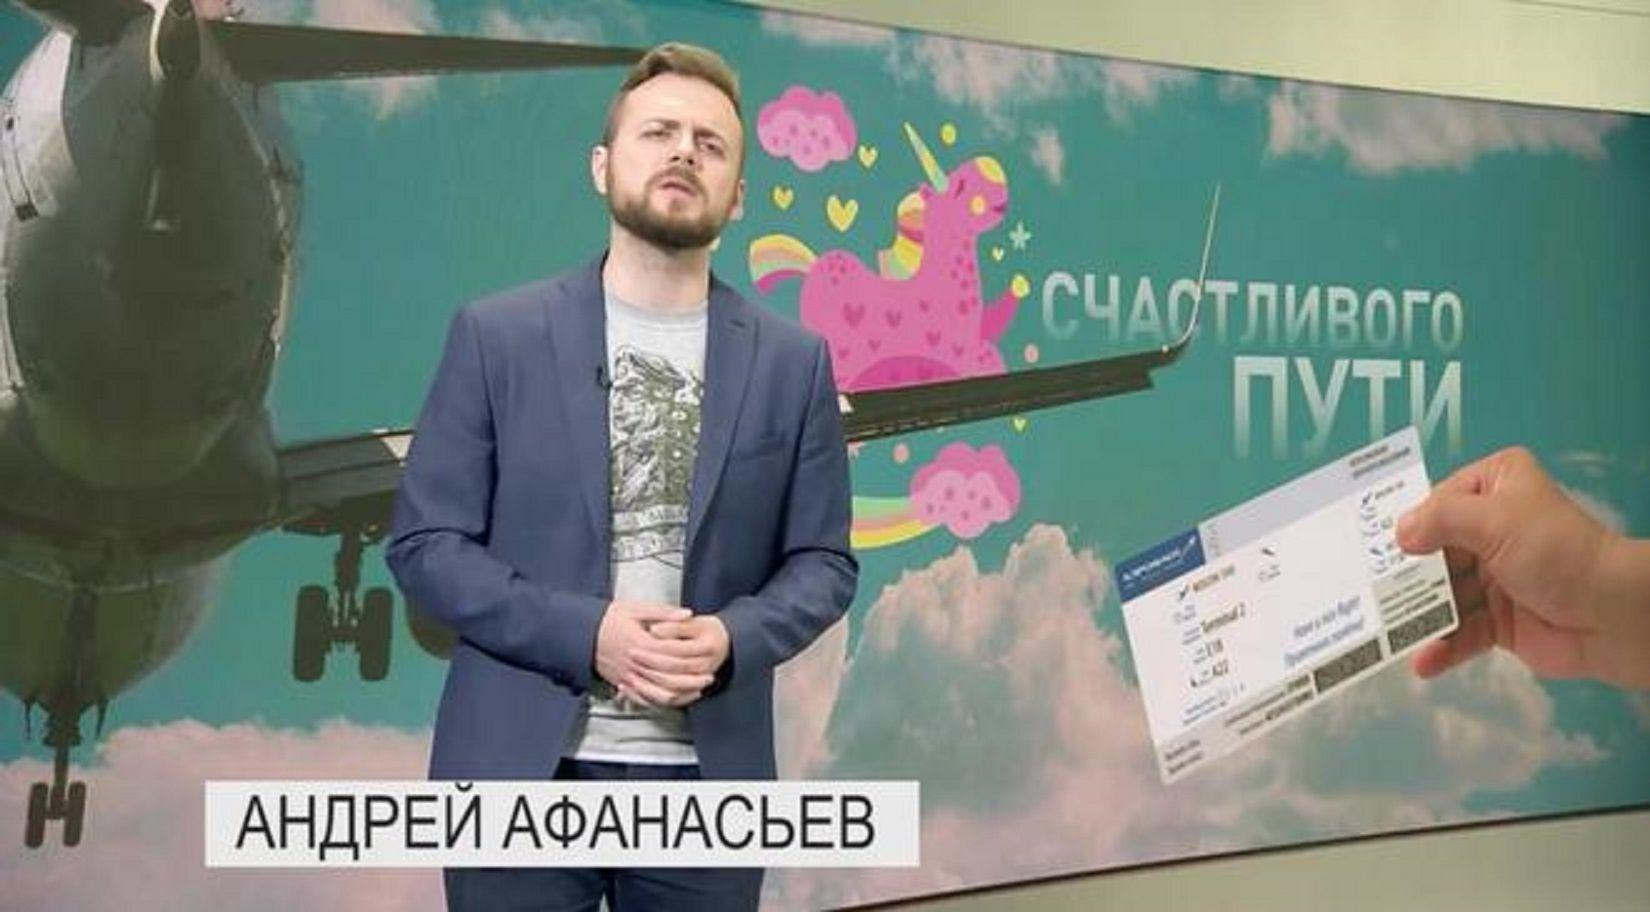 Un canal ofrece pagarle el pasaje a homosexuales que quieran irse del país